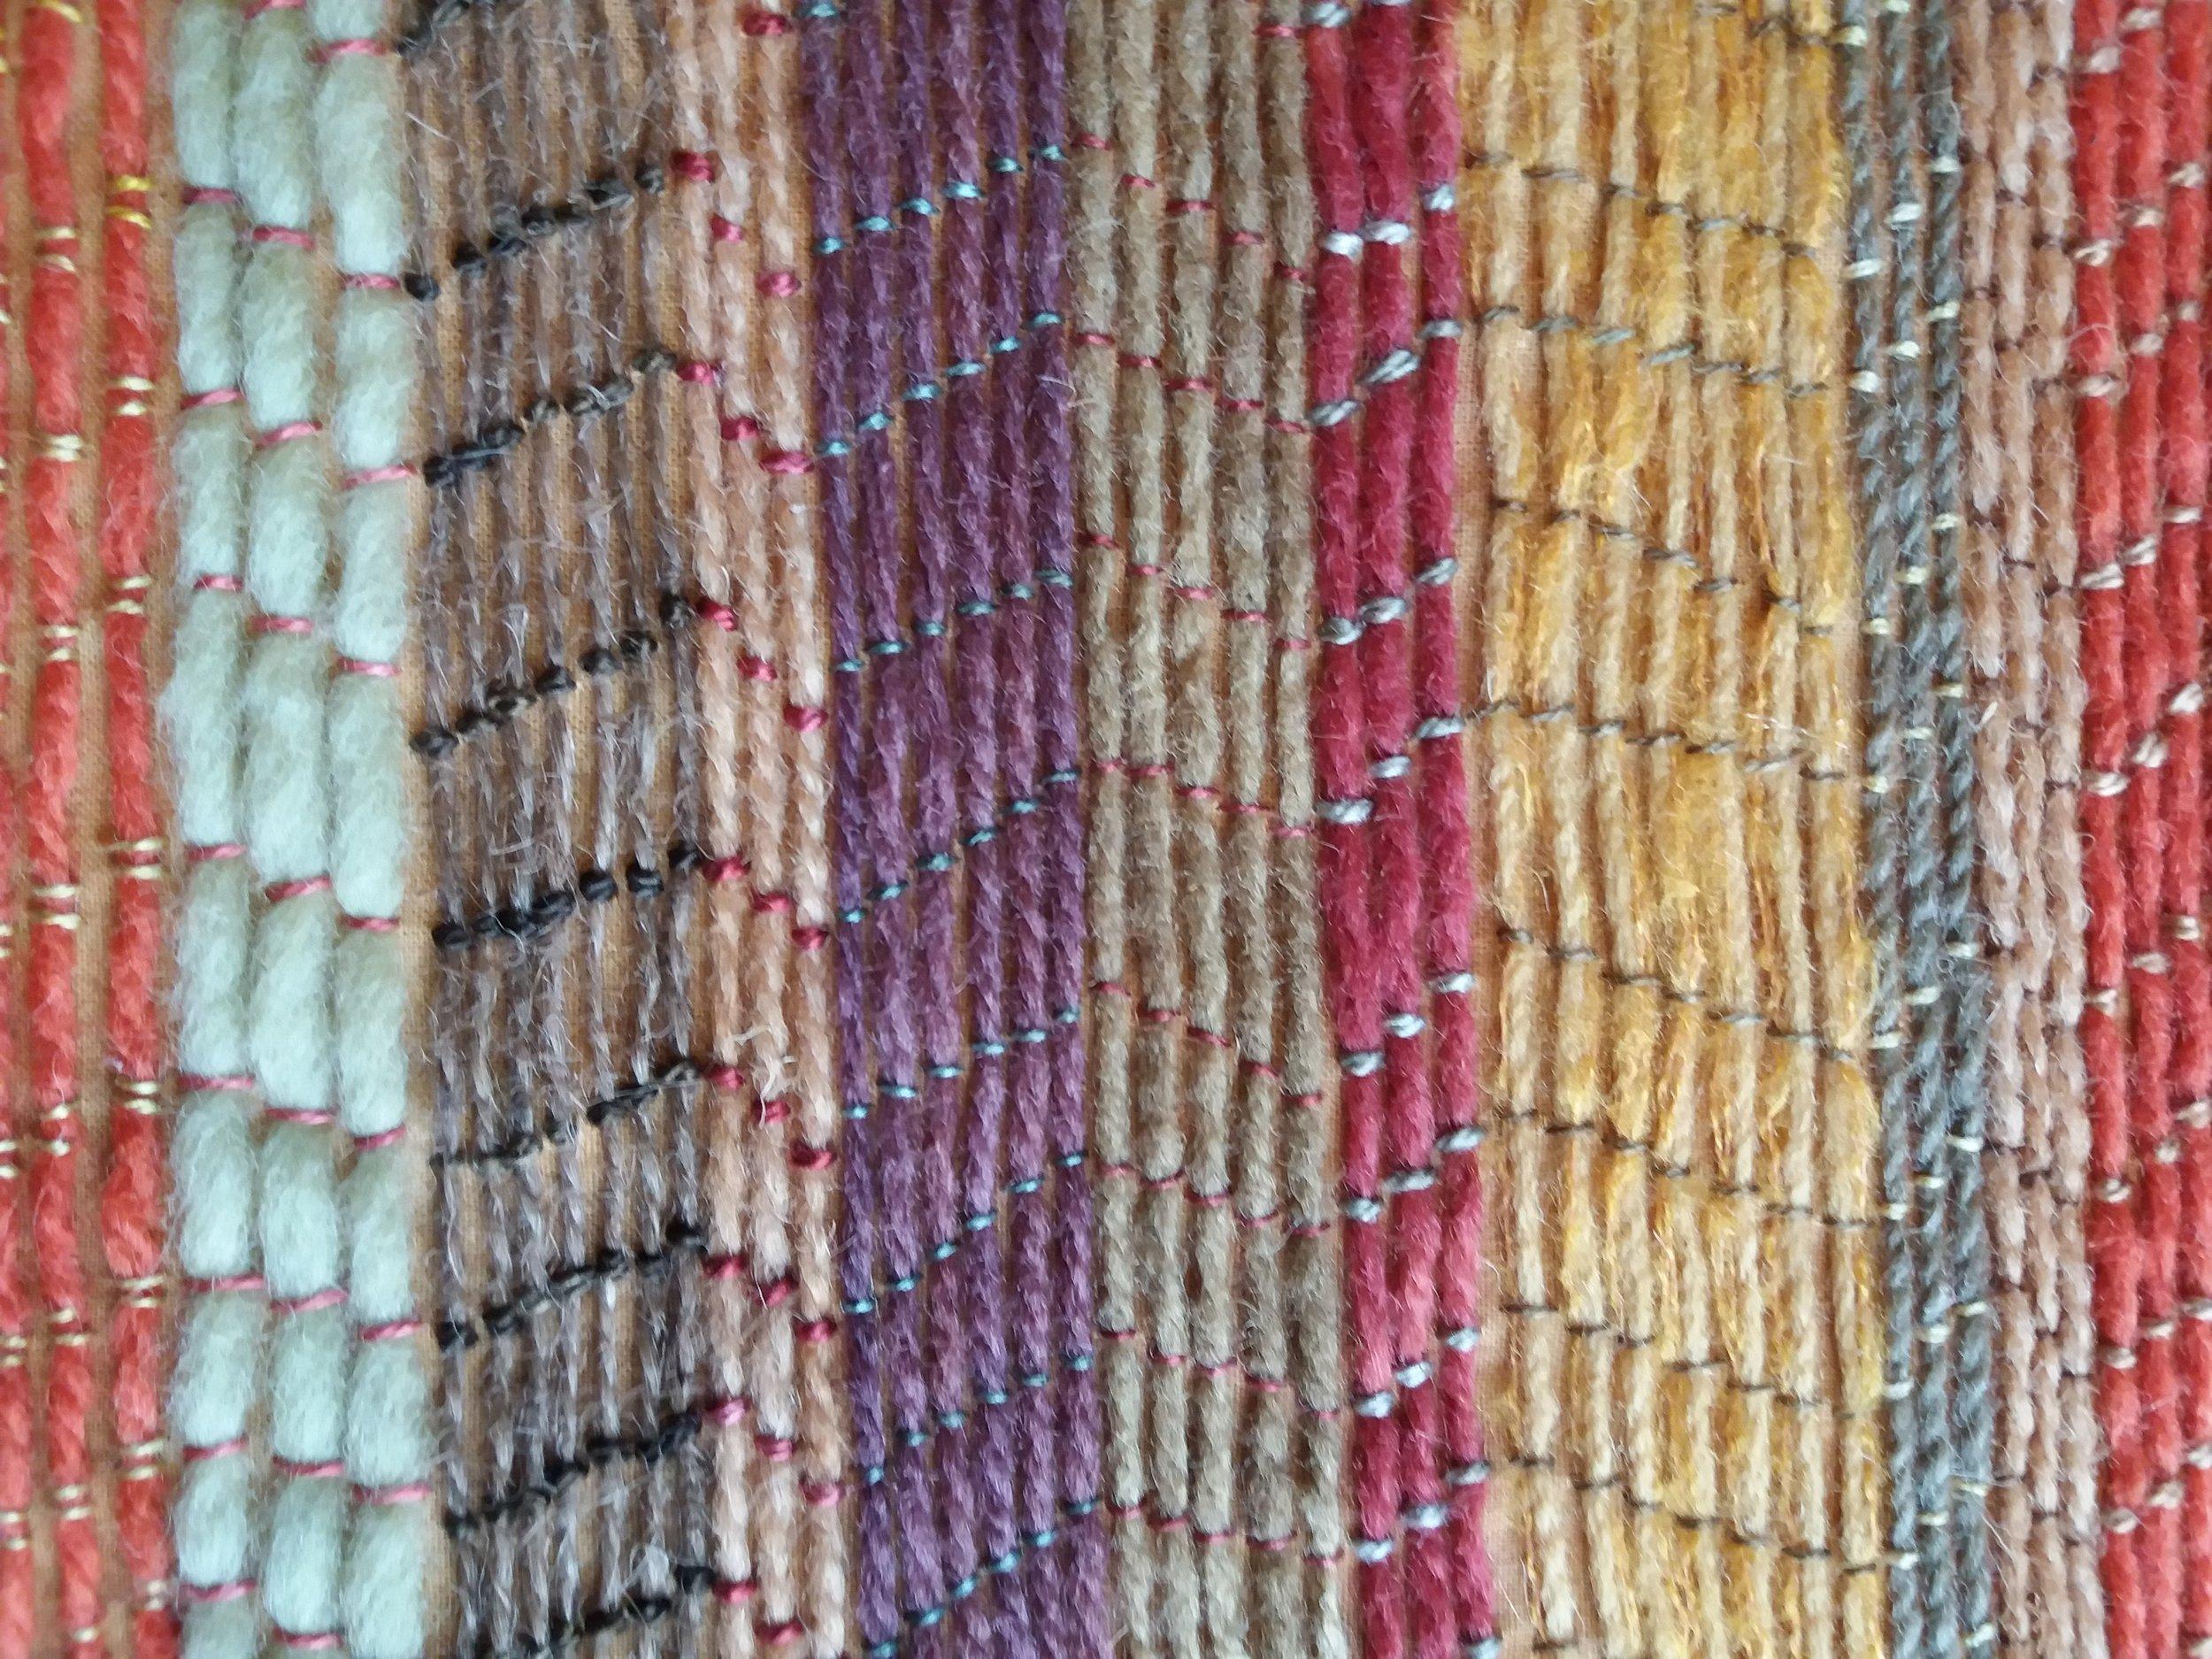 lizzie_godden_stitching (4).jpg